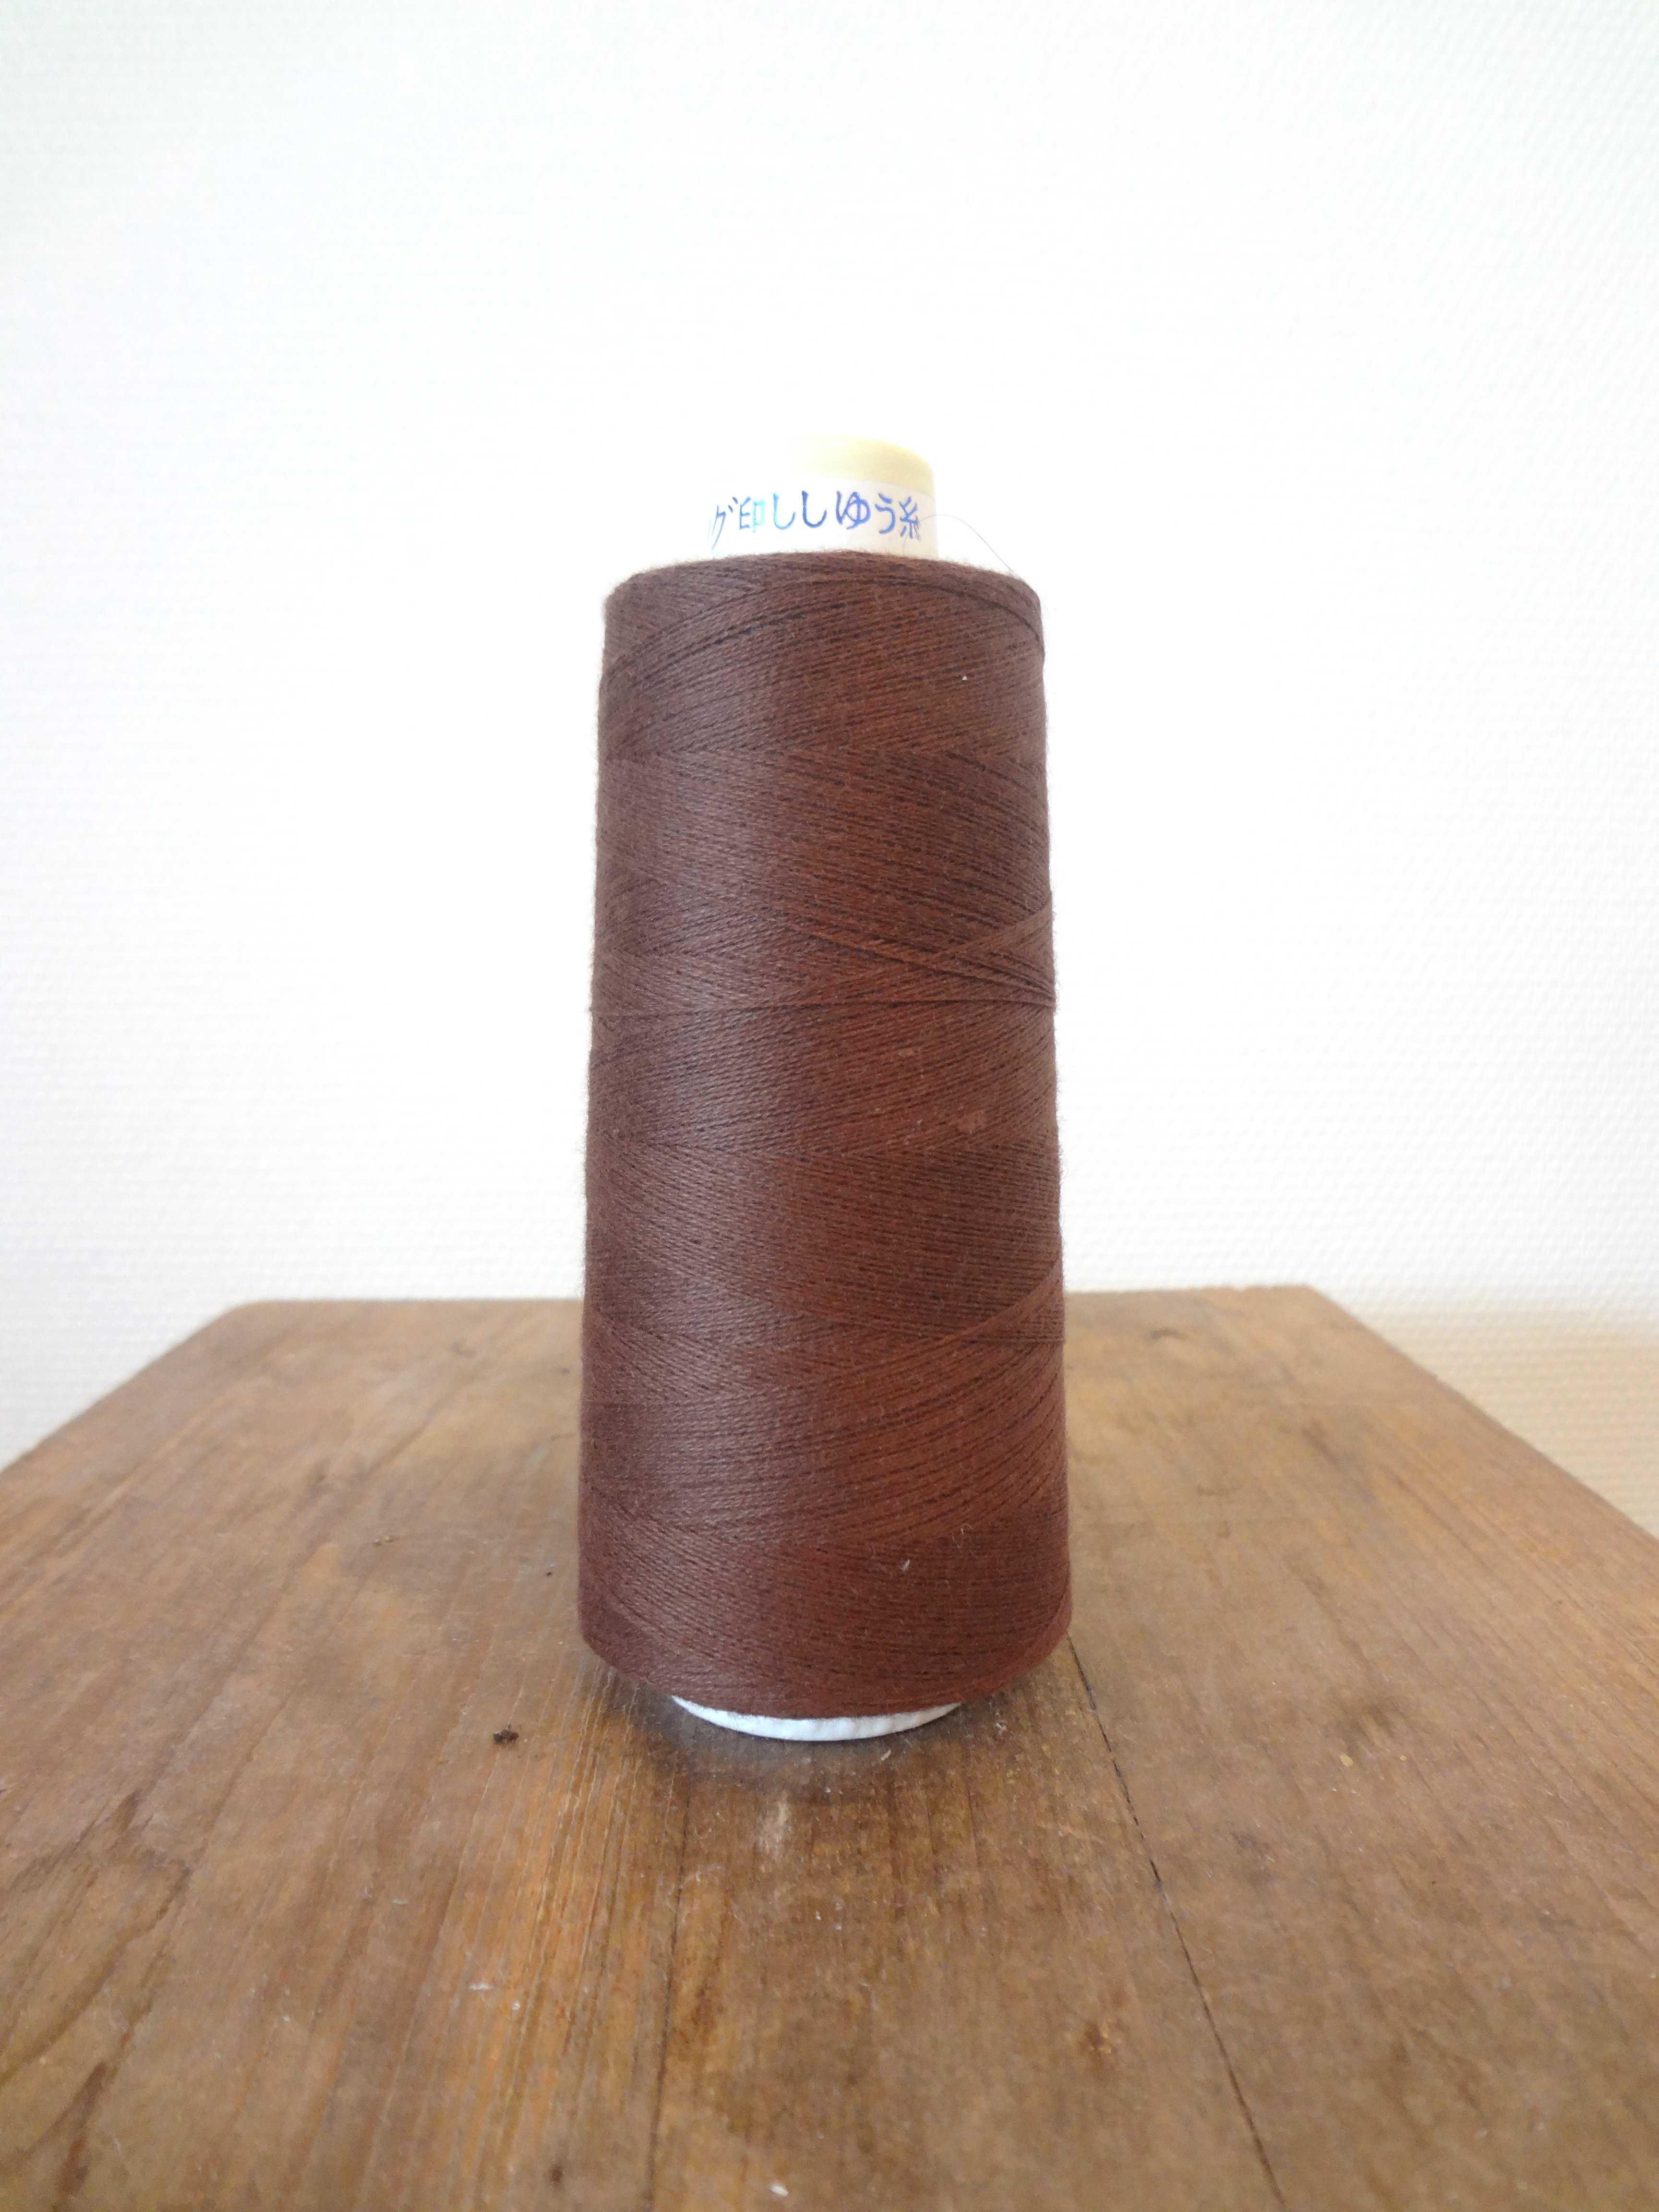 コットンライン#30 綿ミシン刺繍糸  255番(ブラウン)